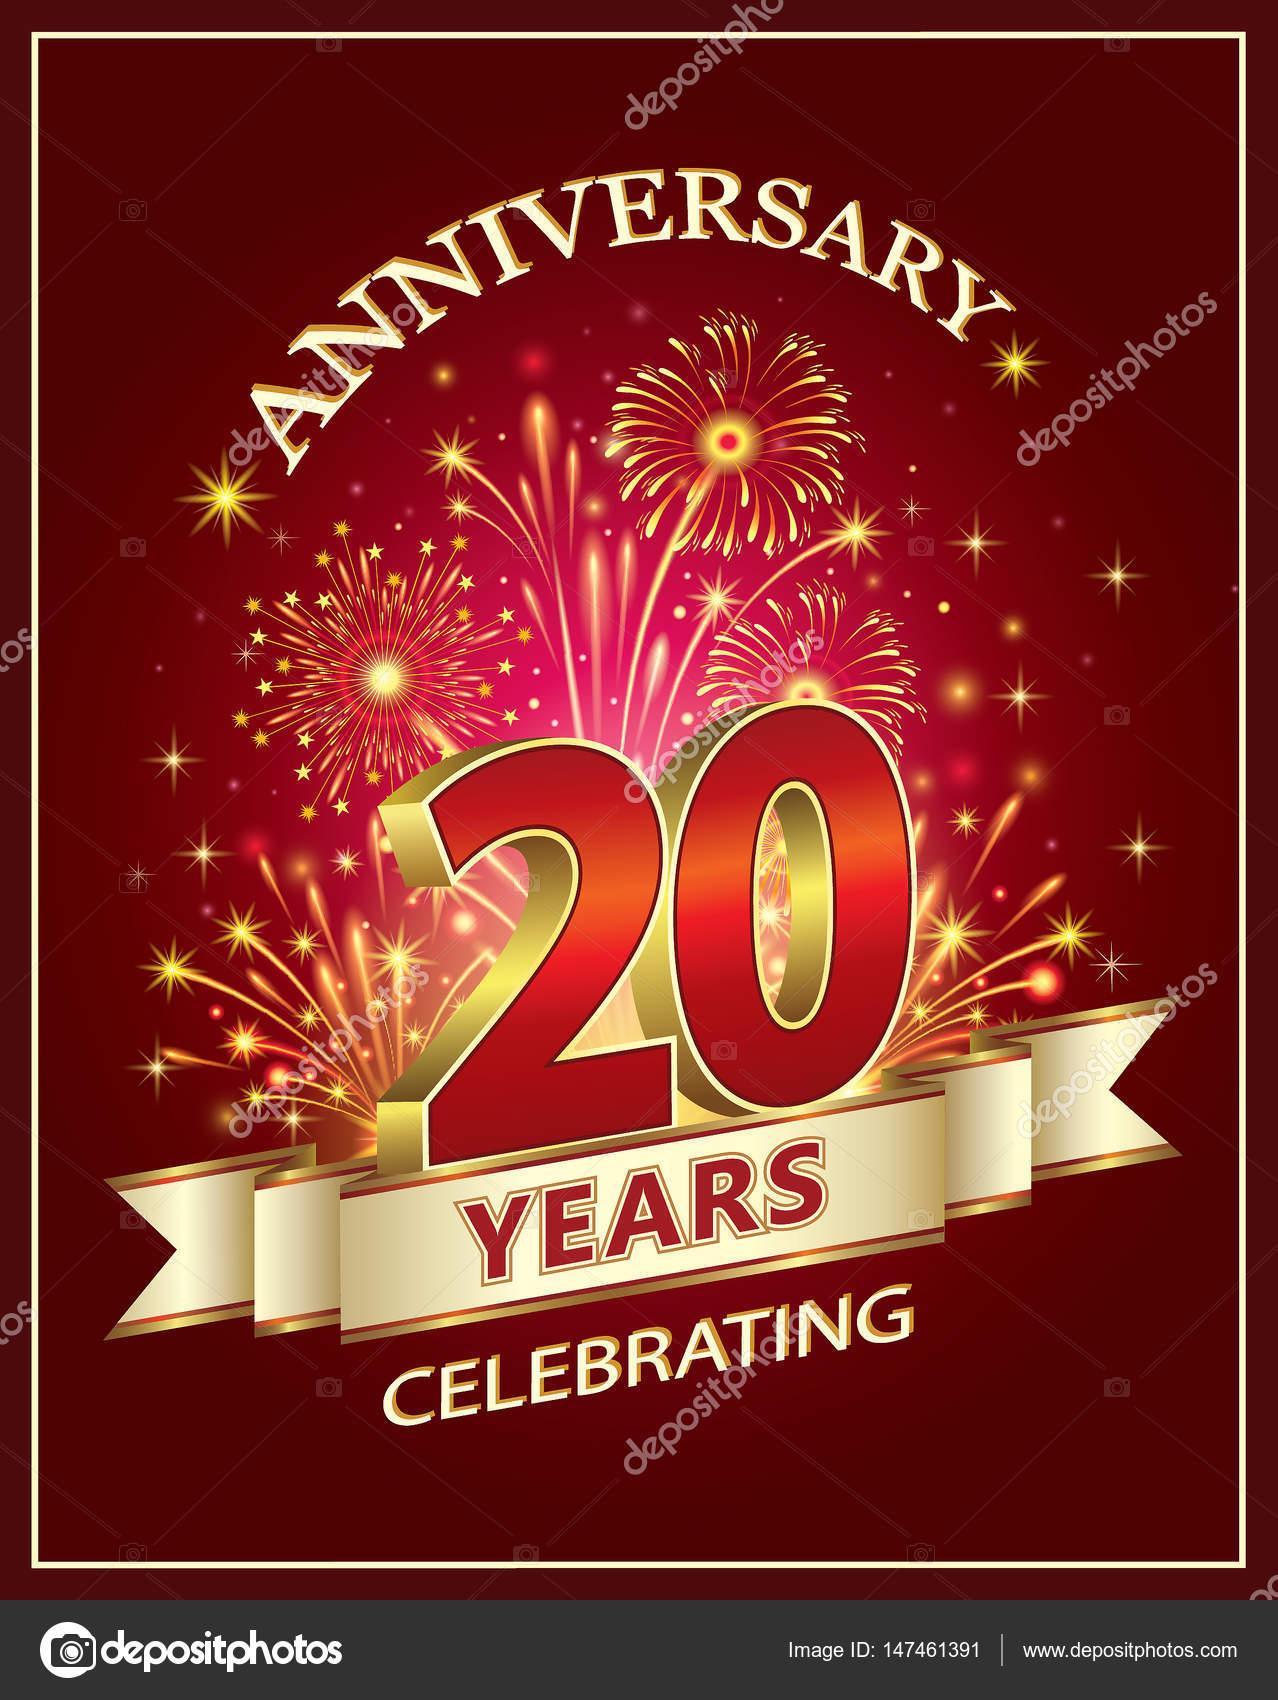 Carte d'anniversaire 20 ans — Image vectorielle seriga © #147461391